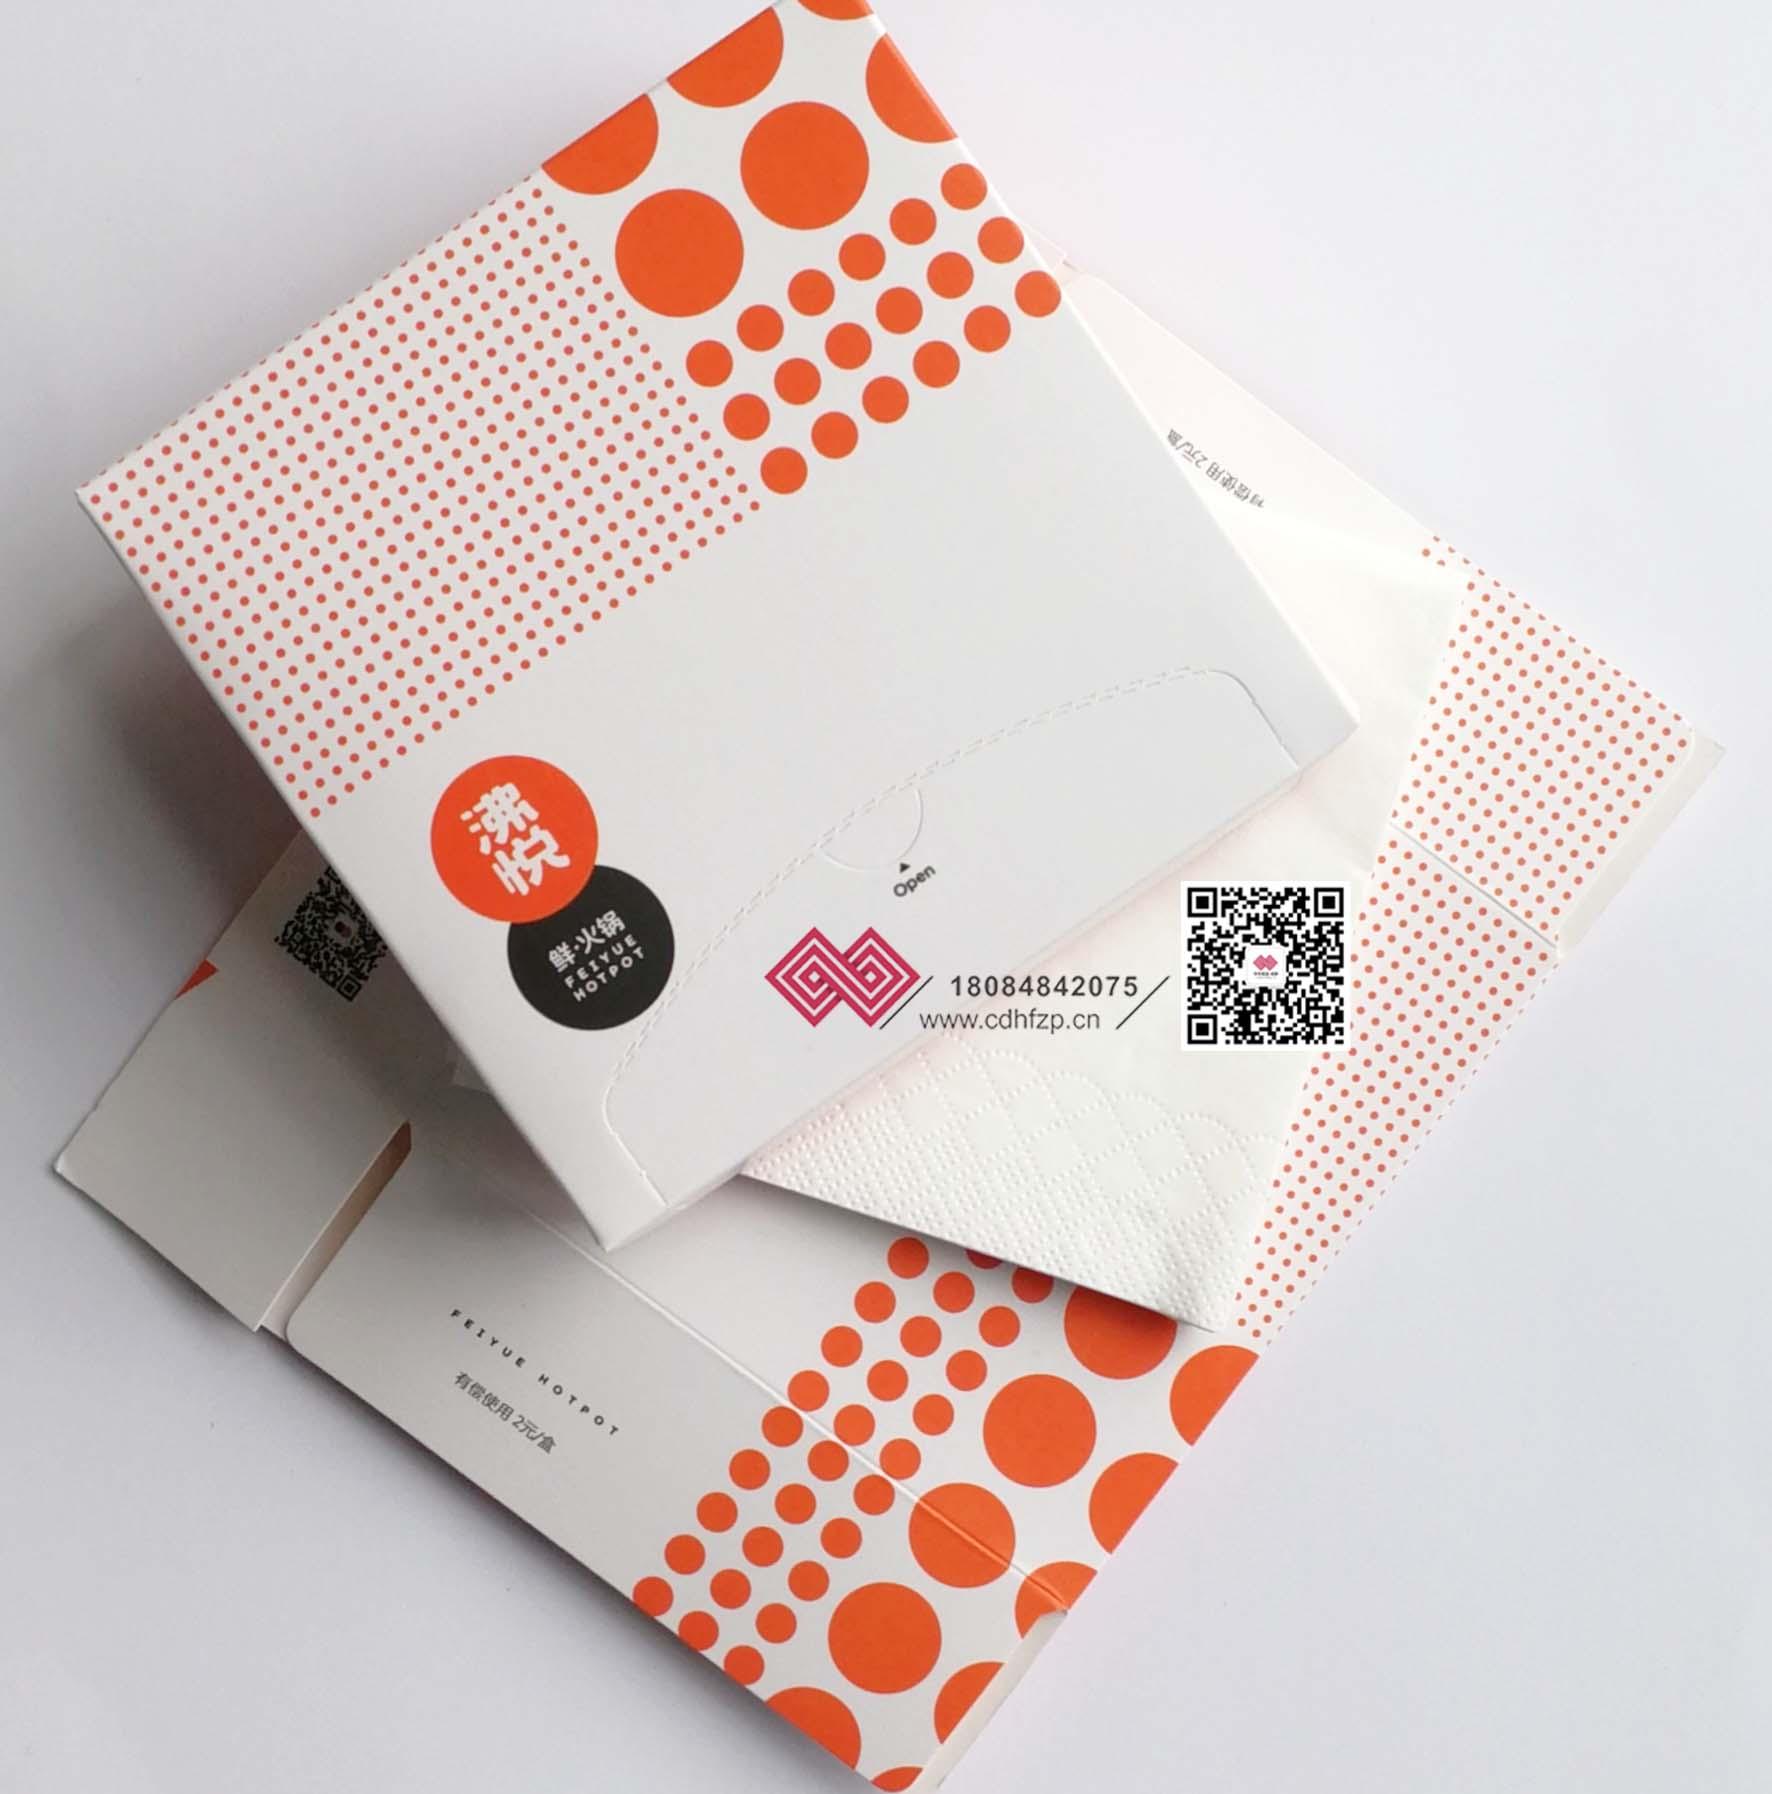 總算找到高端品質的印花餐巾紙廠家?盒裝印花餐巾紙定制優勢廠家